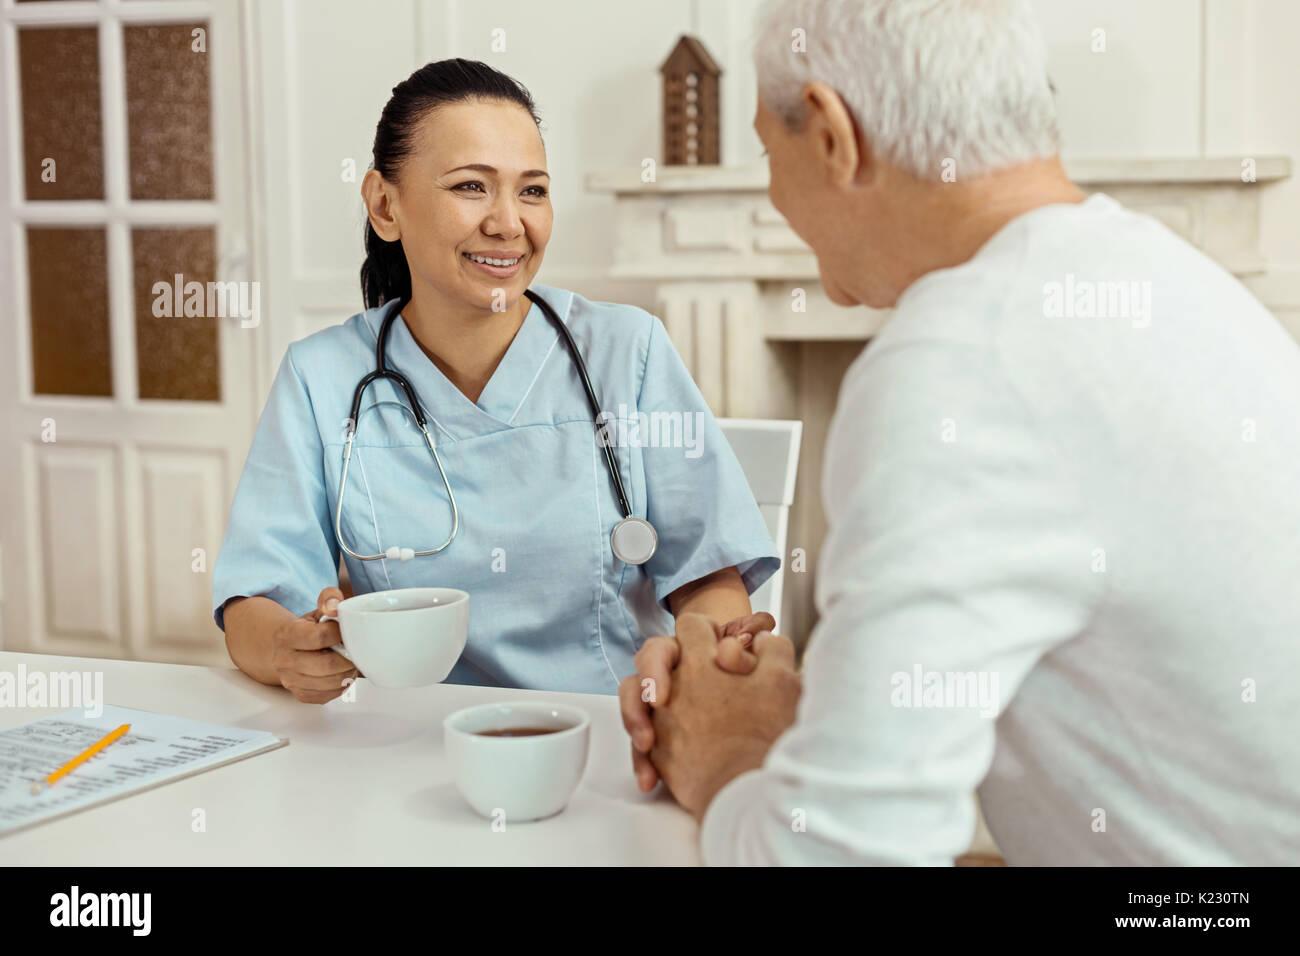 Freudige positive Krankenschwester eine Pause von der Arbeit Stockbild